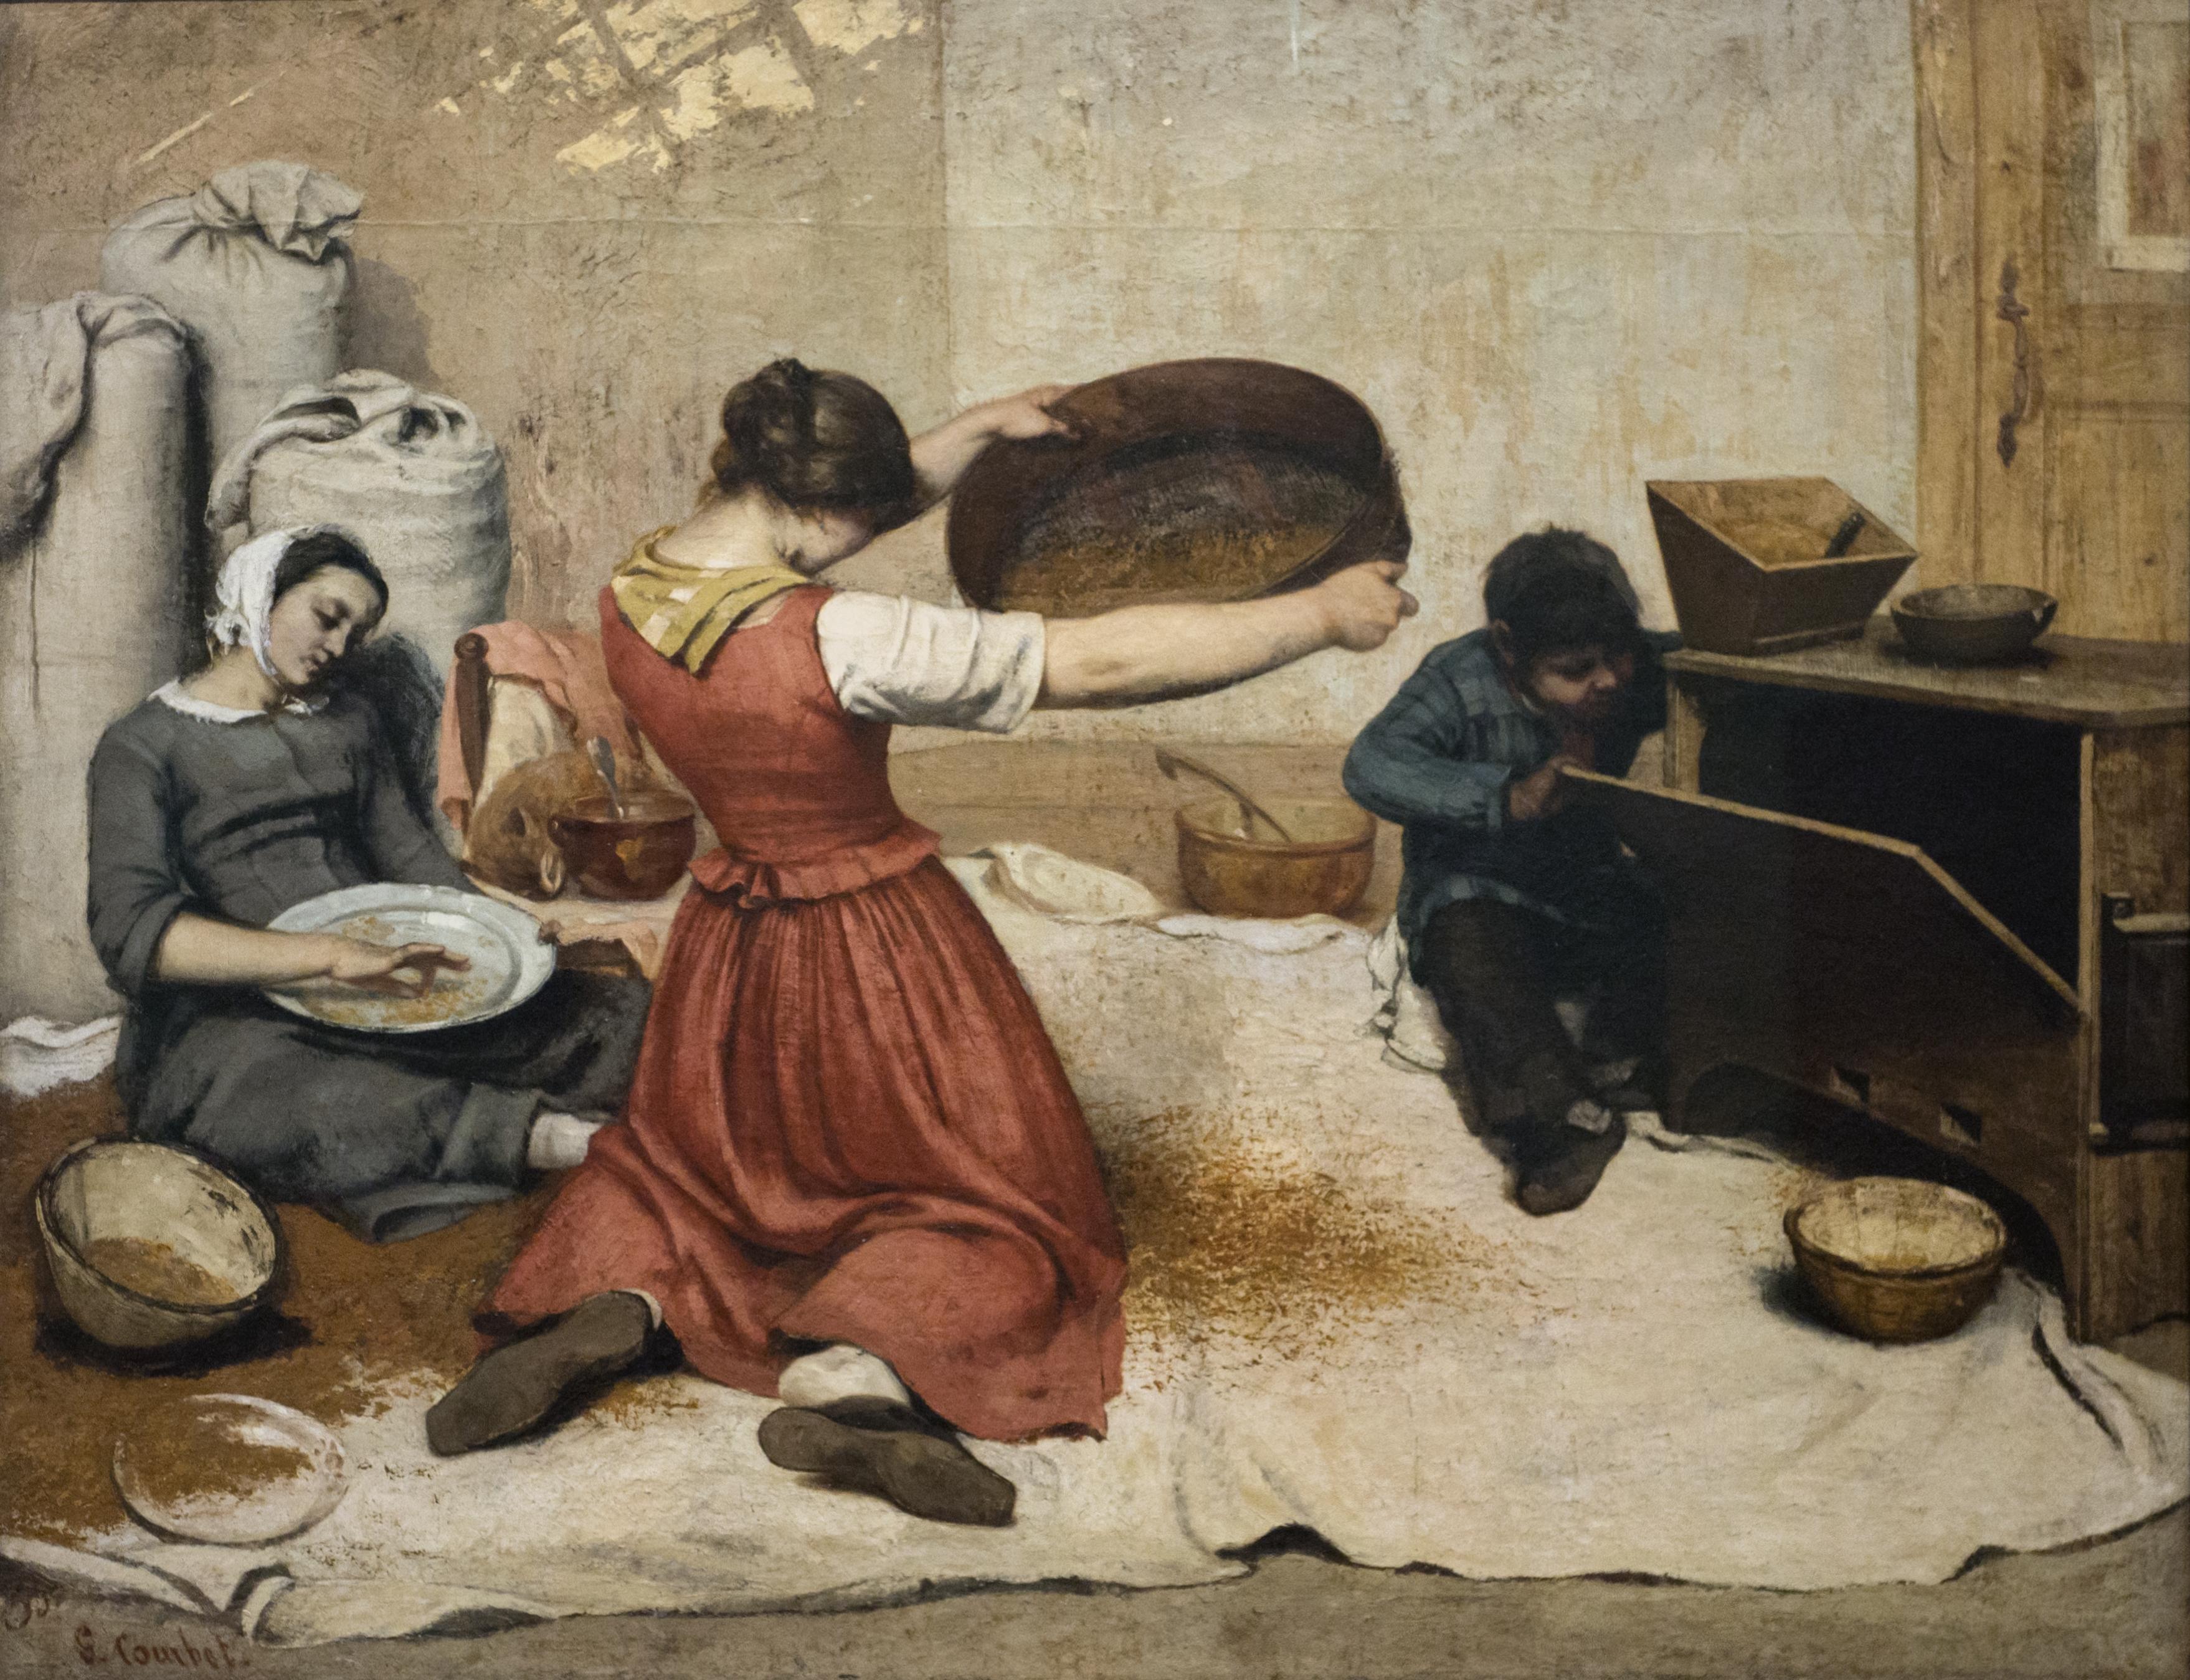 Ma Petite Chaise Nantes les cribleuses de blé — wikipédia